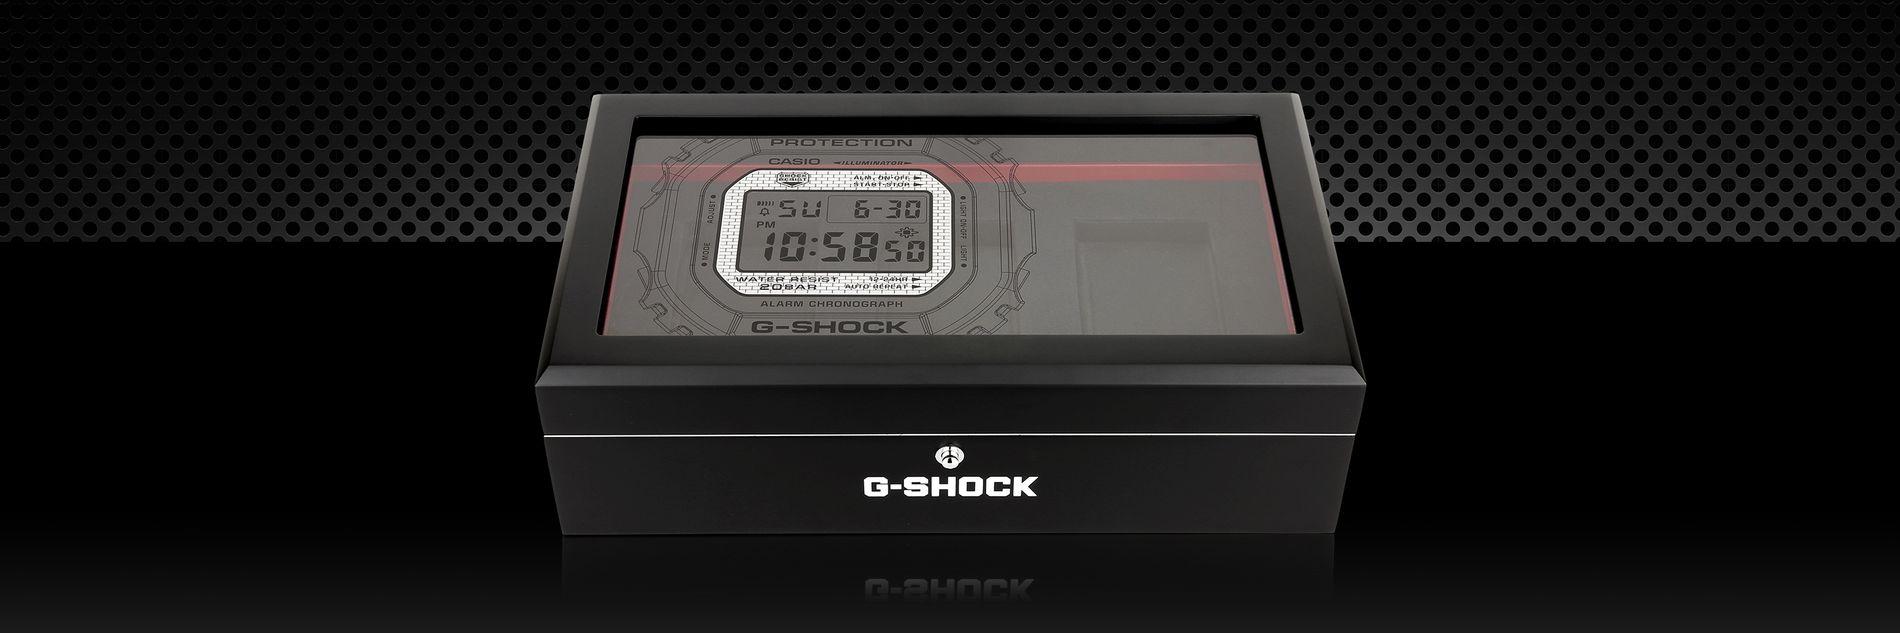 image of G-SHOCK branded display case